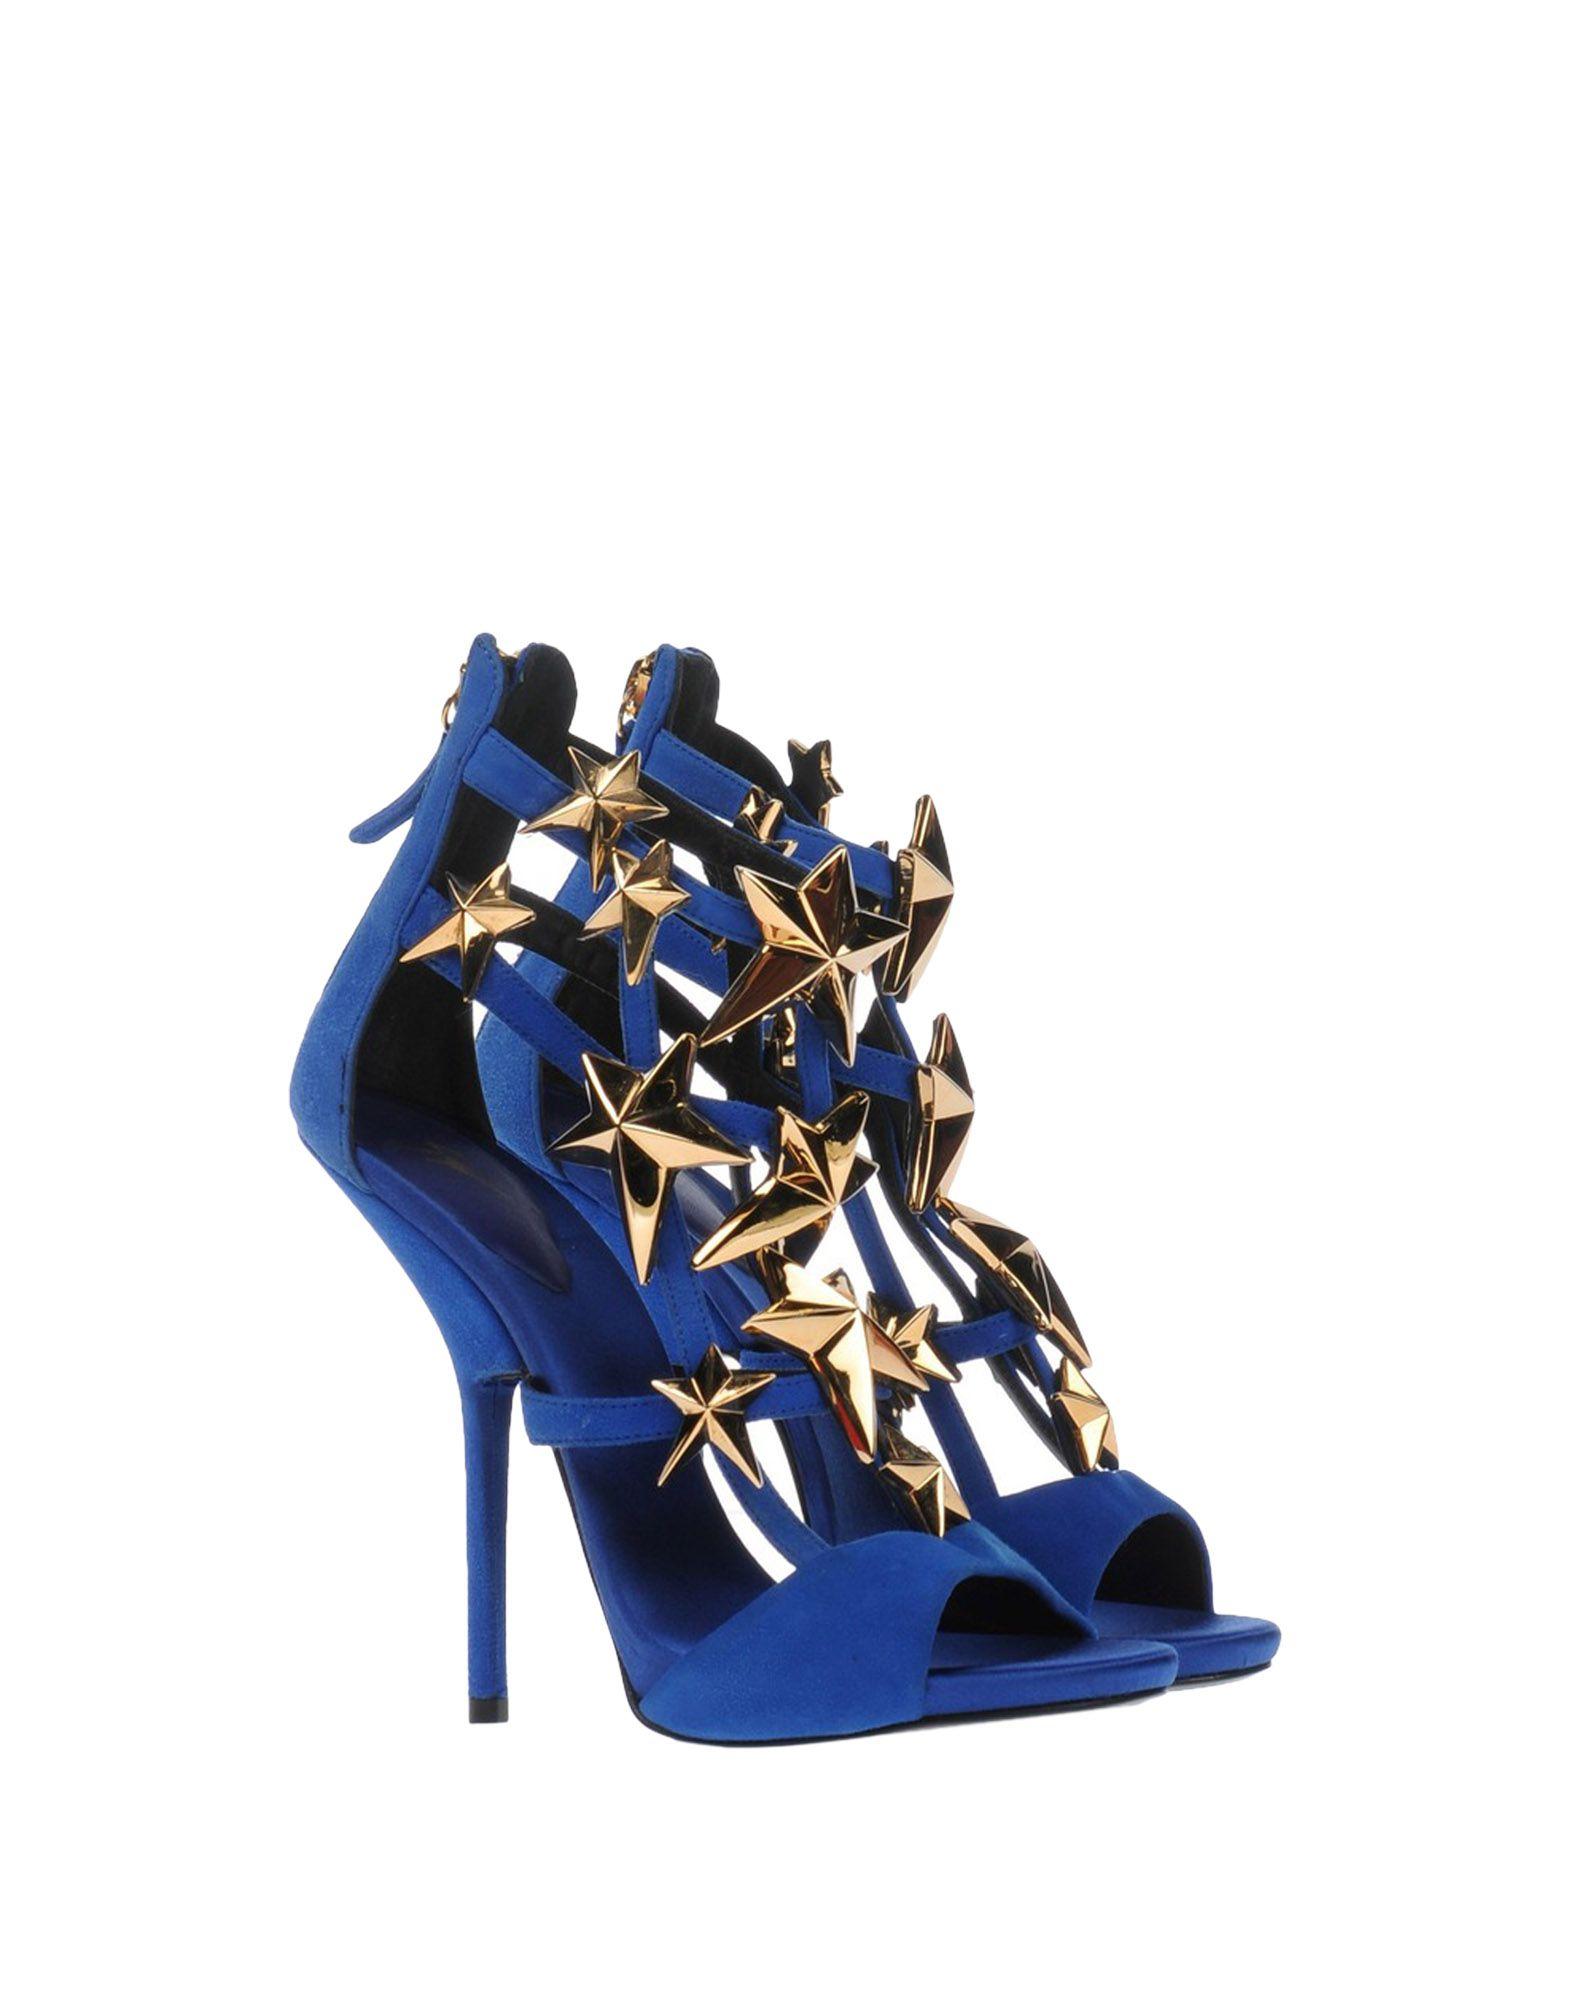 Sandales Giuseppe Zanotti Design Femme - Sandales Giuseppe Zanotti Design sur